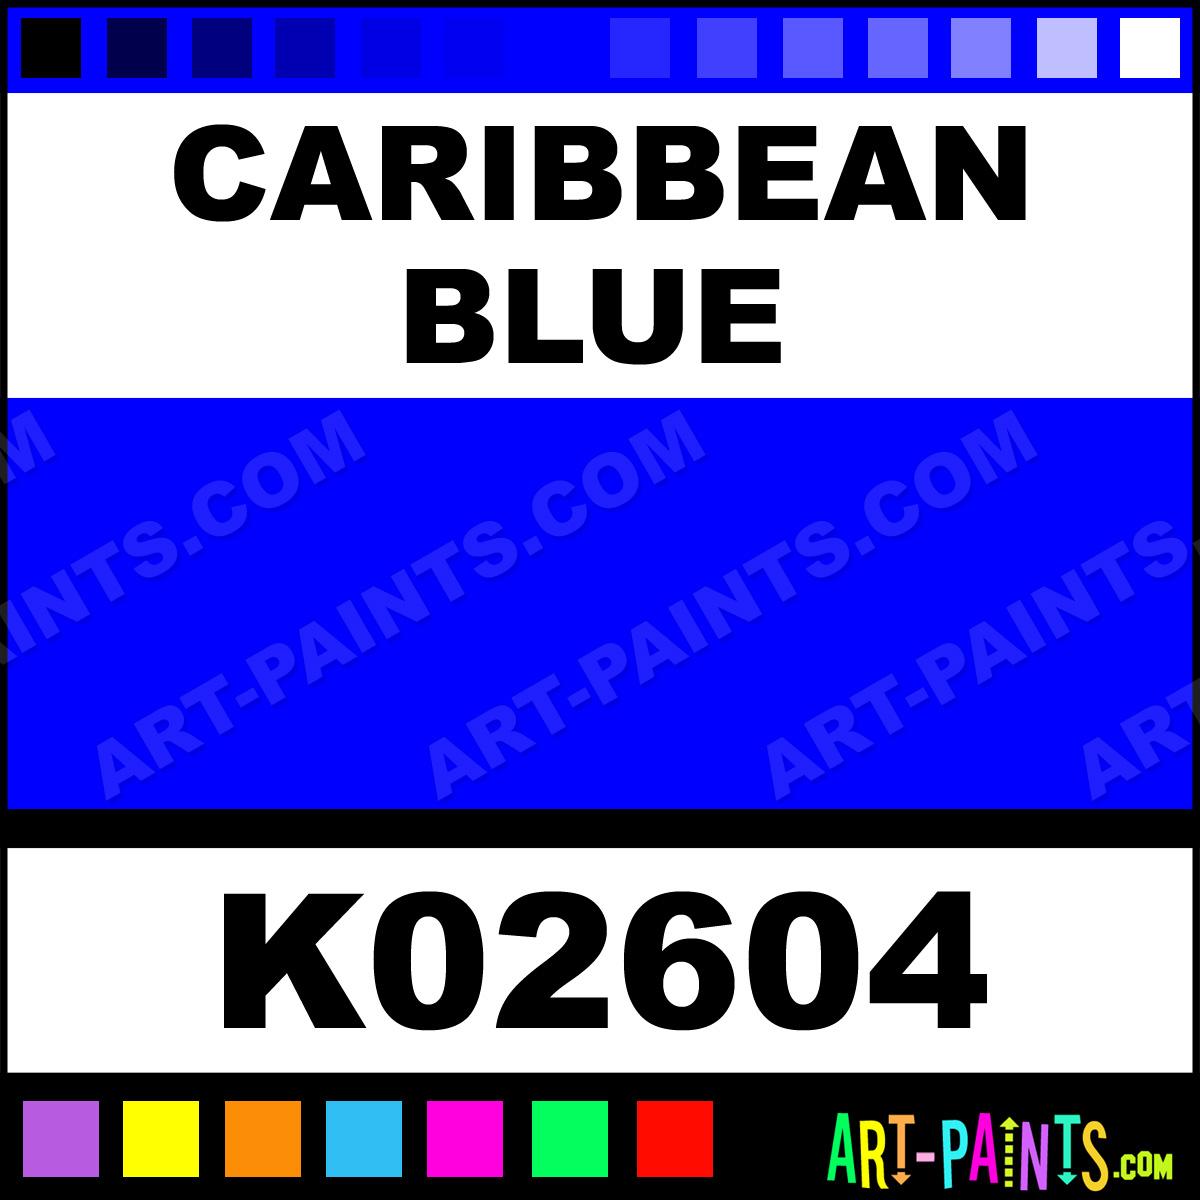 Caribbean Blue H2o Enamel Paints K02604 Paint Color Krylon 0000fe Art